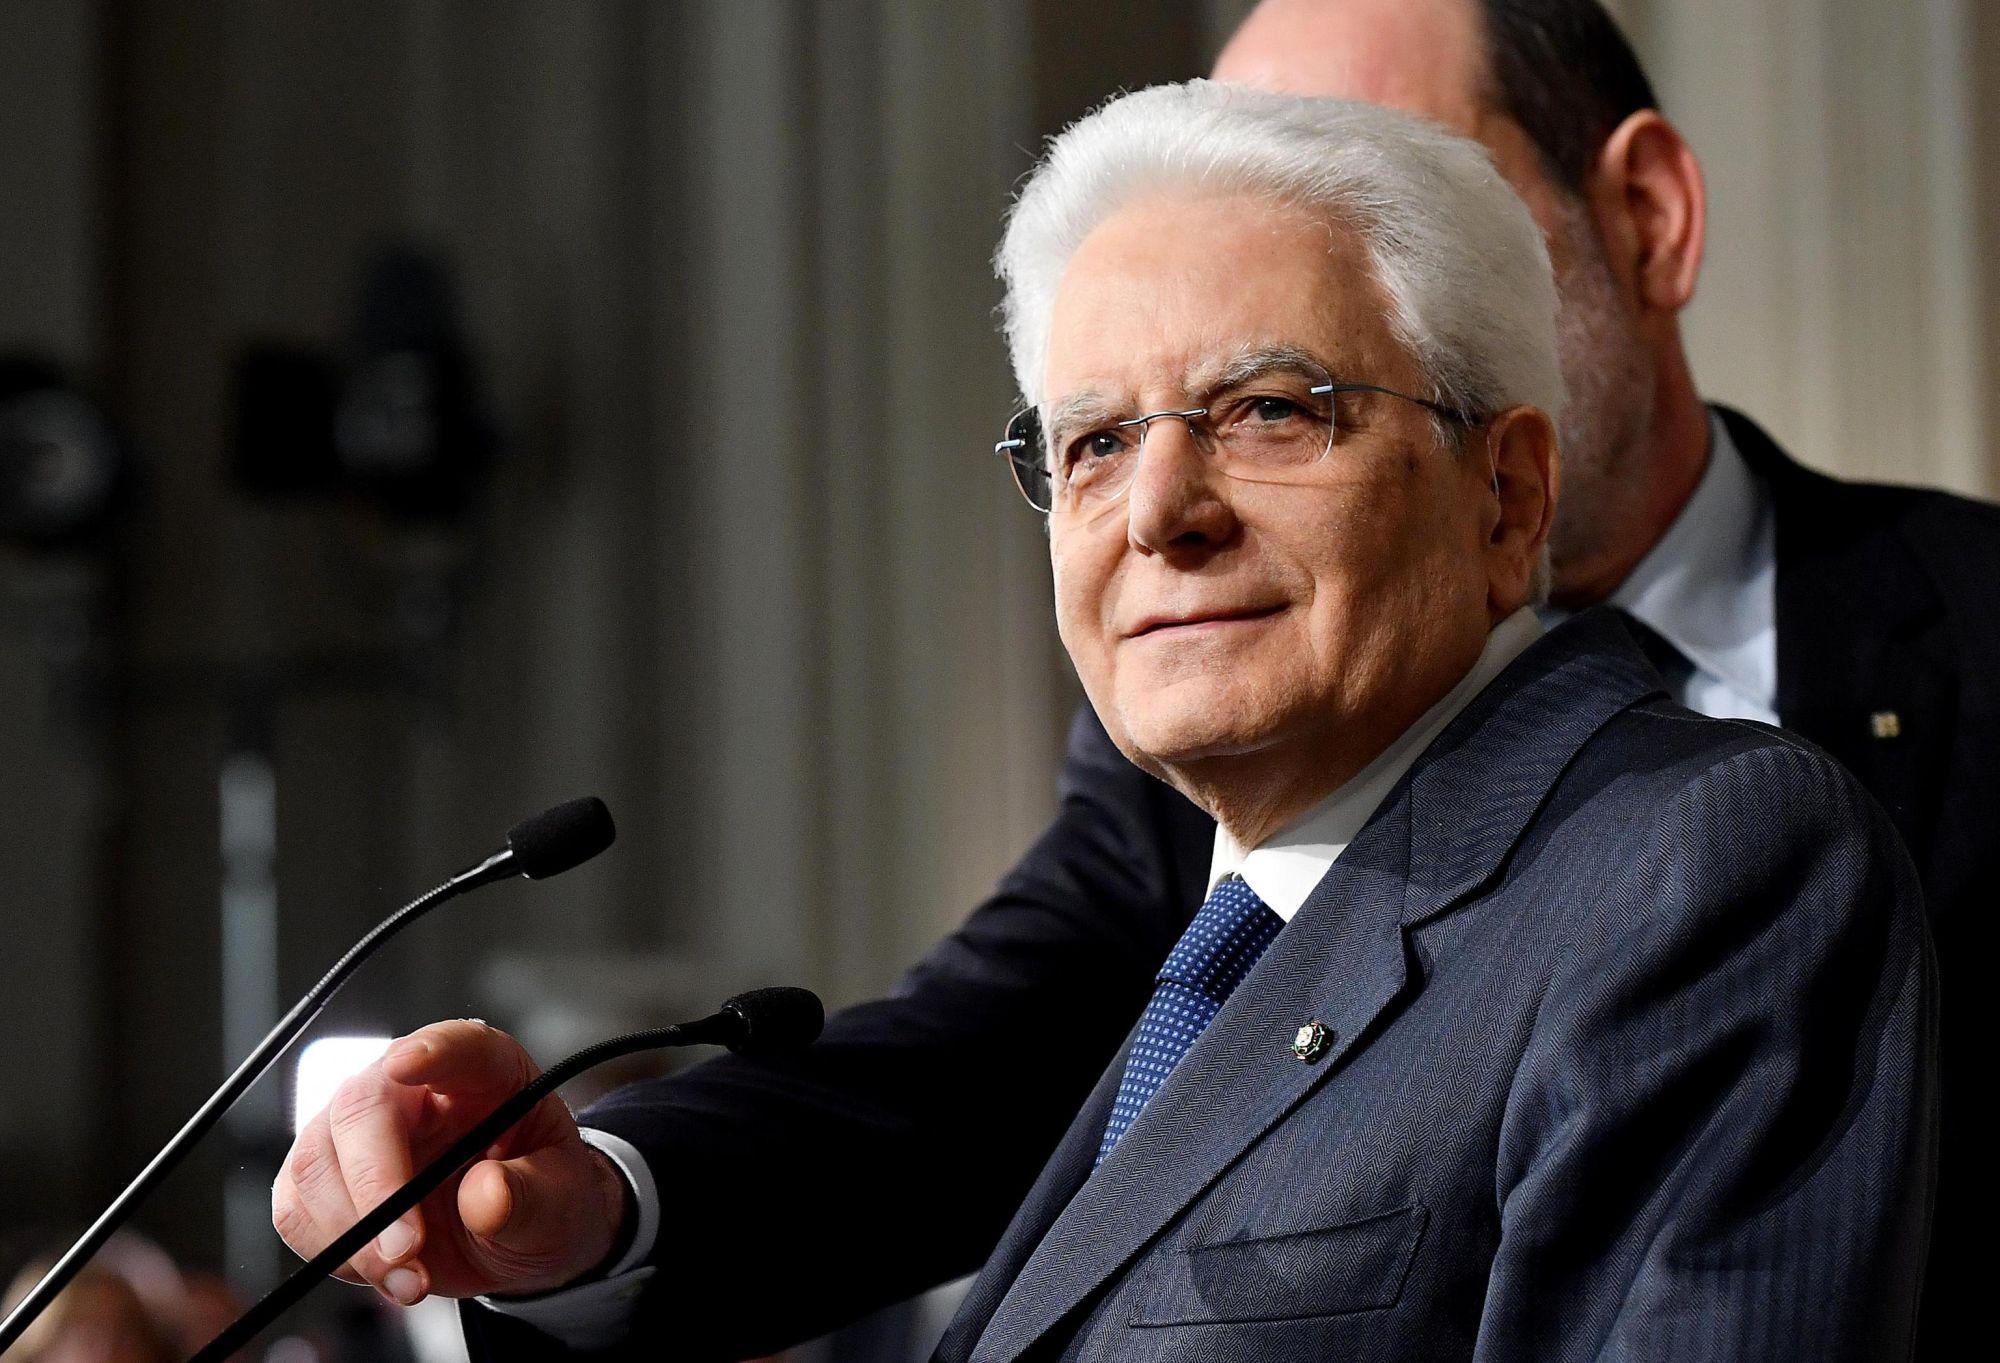 Az olasz államfő, Sergio Mattarella sajtótájékoztatót tart az M5S vezetőjével, Luigi Di Maioval tartott megbeszélése után Rómában, 2018. április 5-én. EPA/ETTORE FERRARI